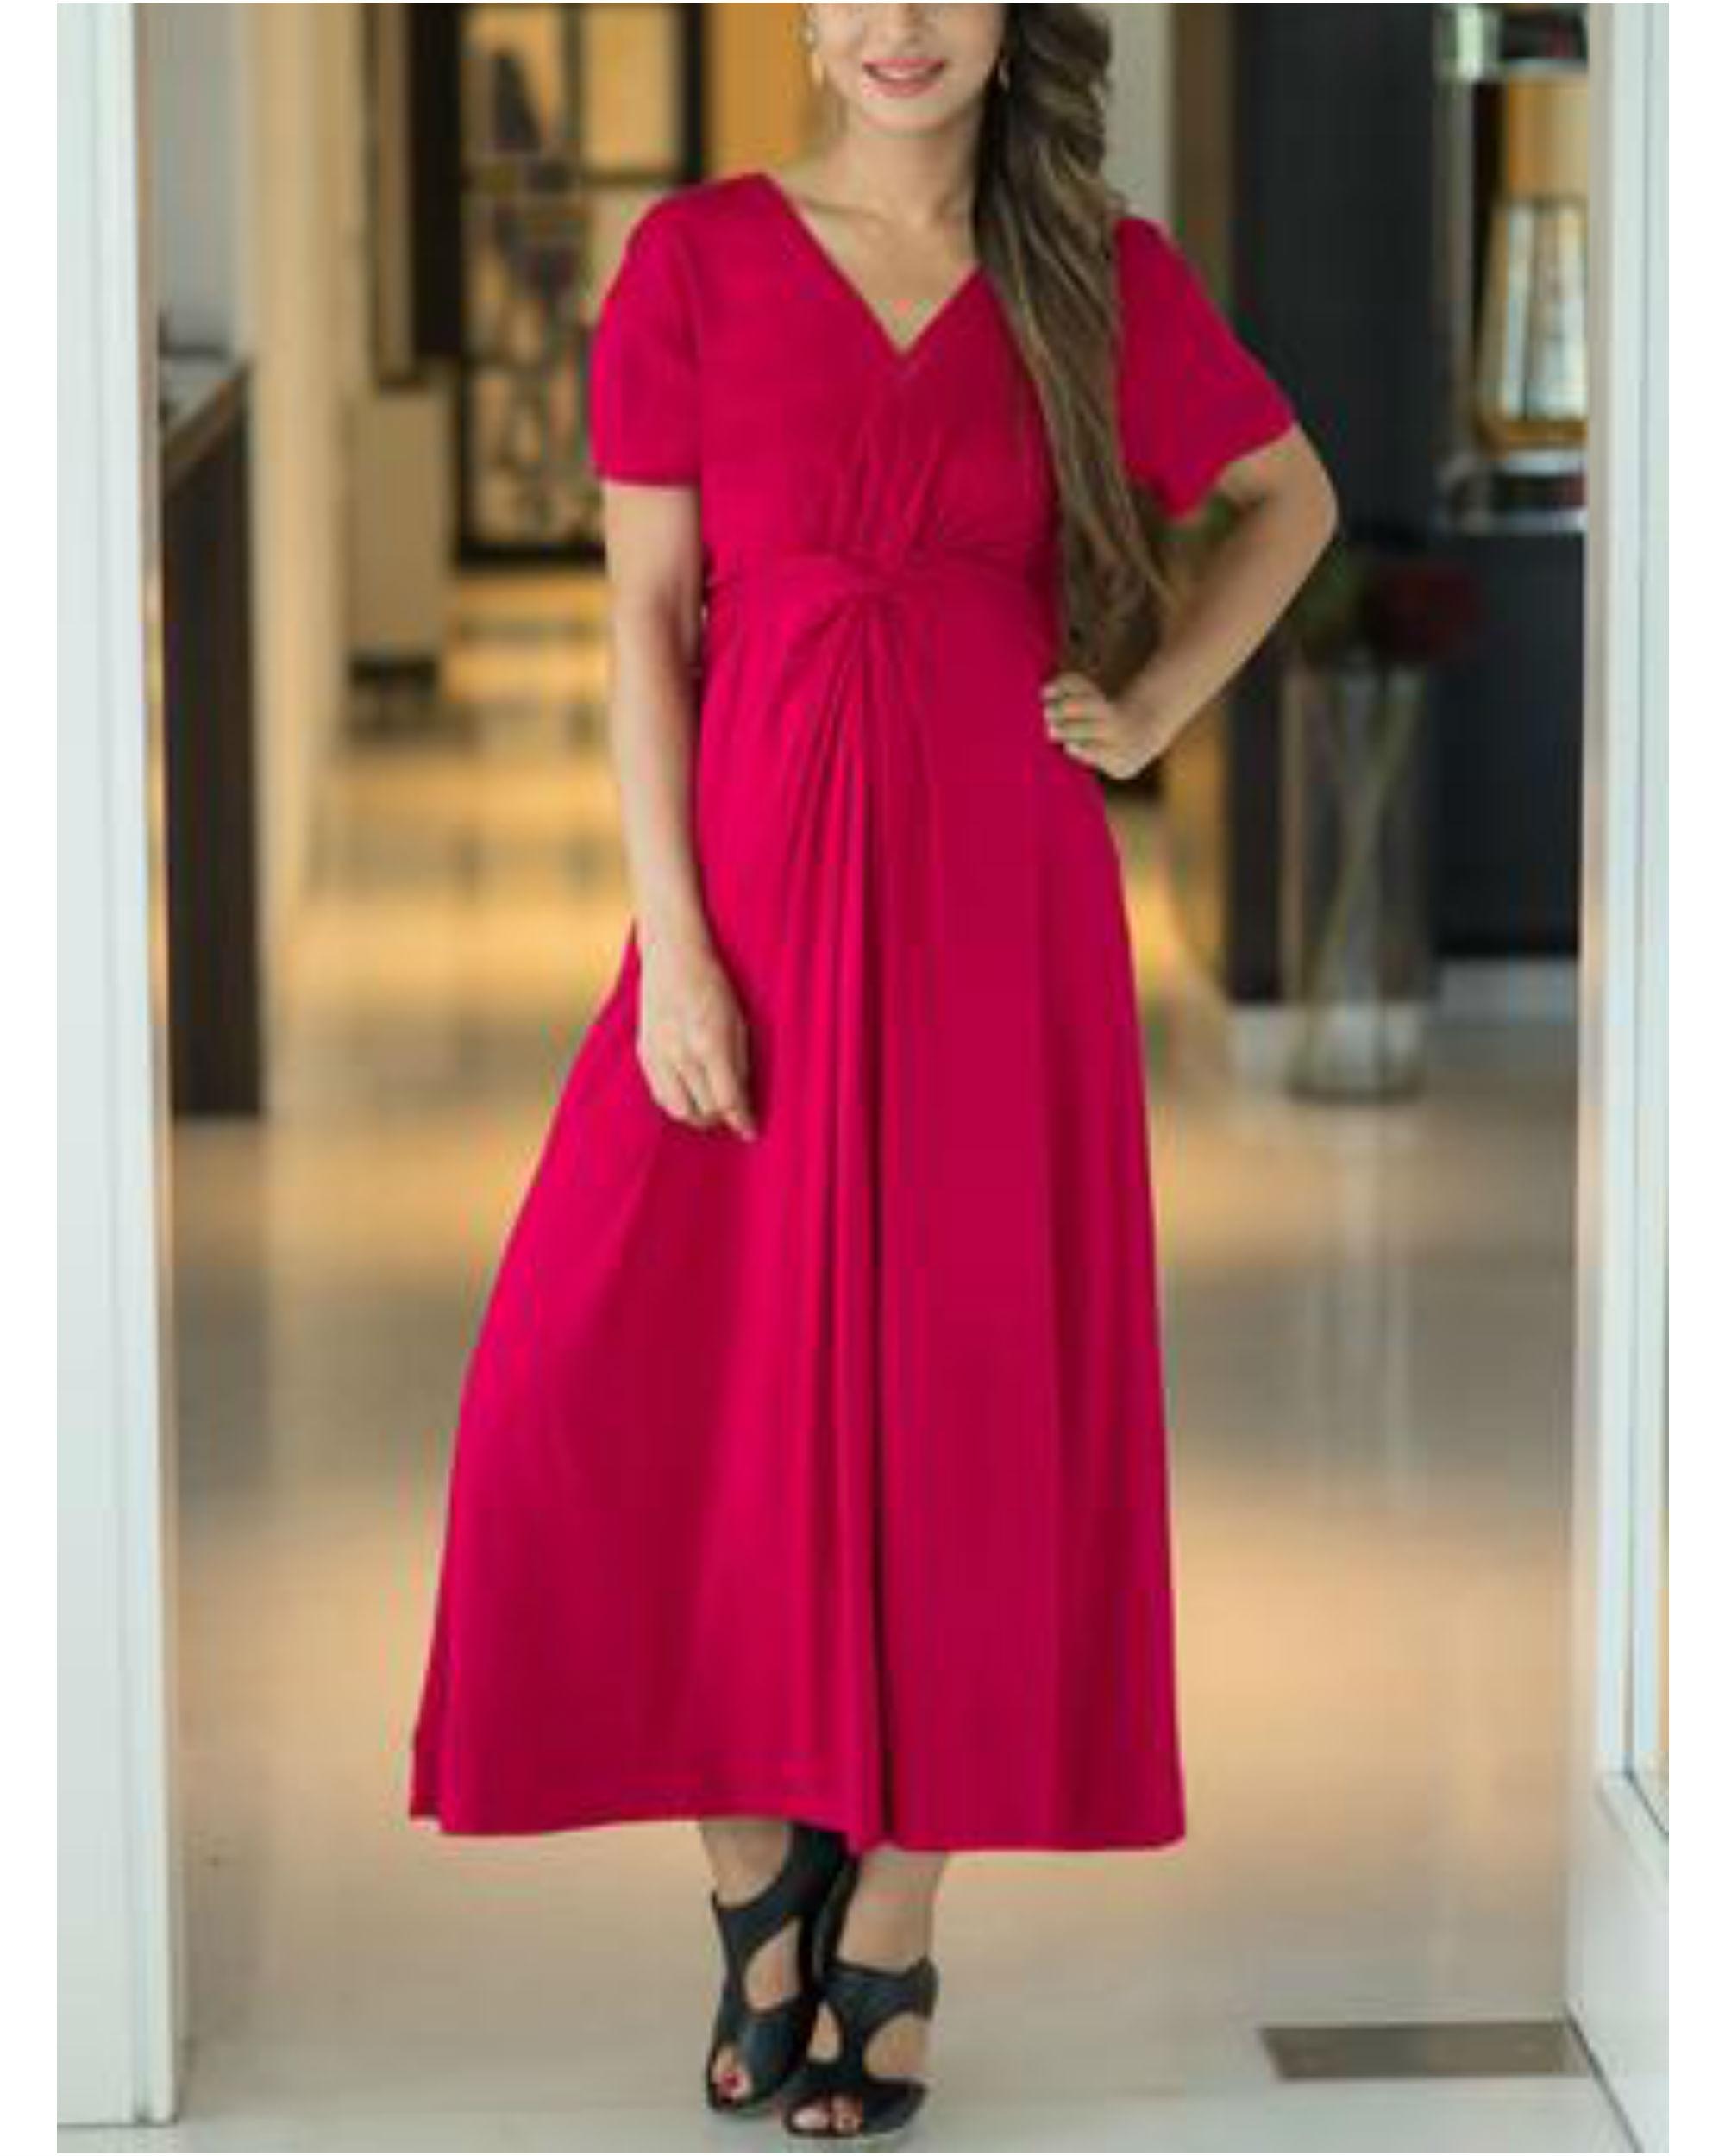 1352819f22c Royal carnation front knot lycra maternity dress by MOMZJOY